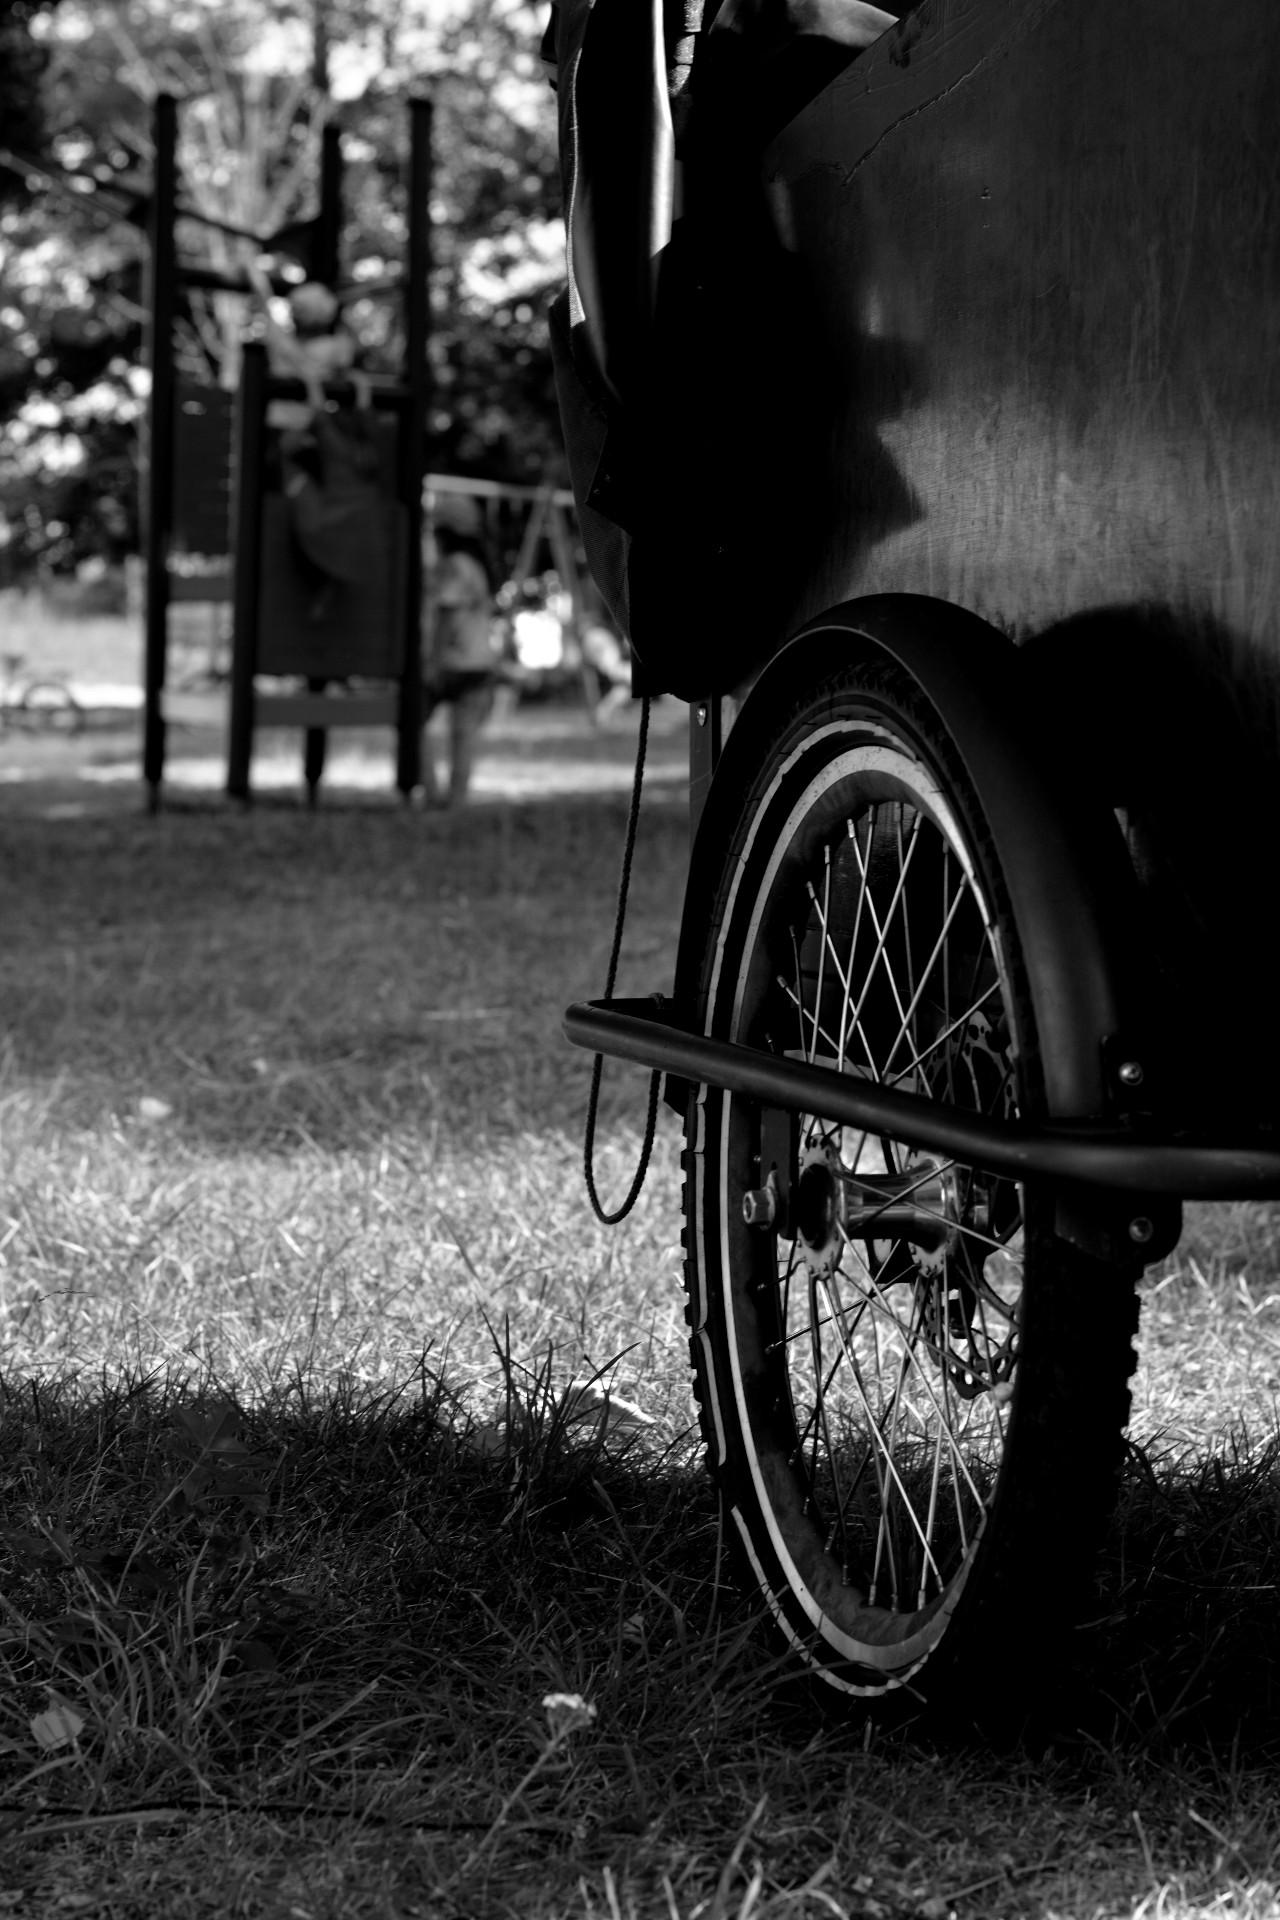 Lådcykel/Lastcykel utan el